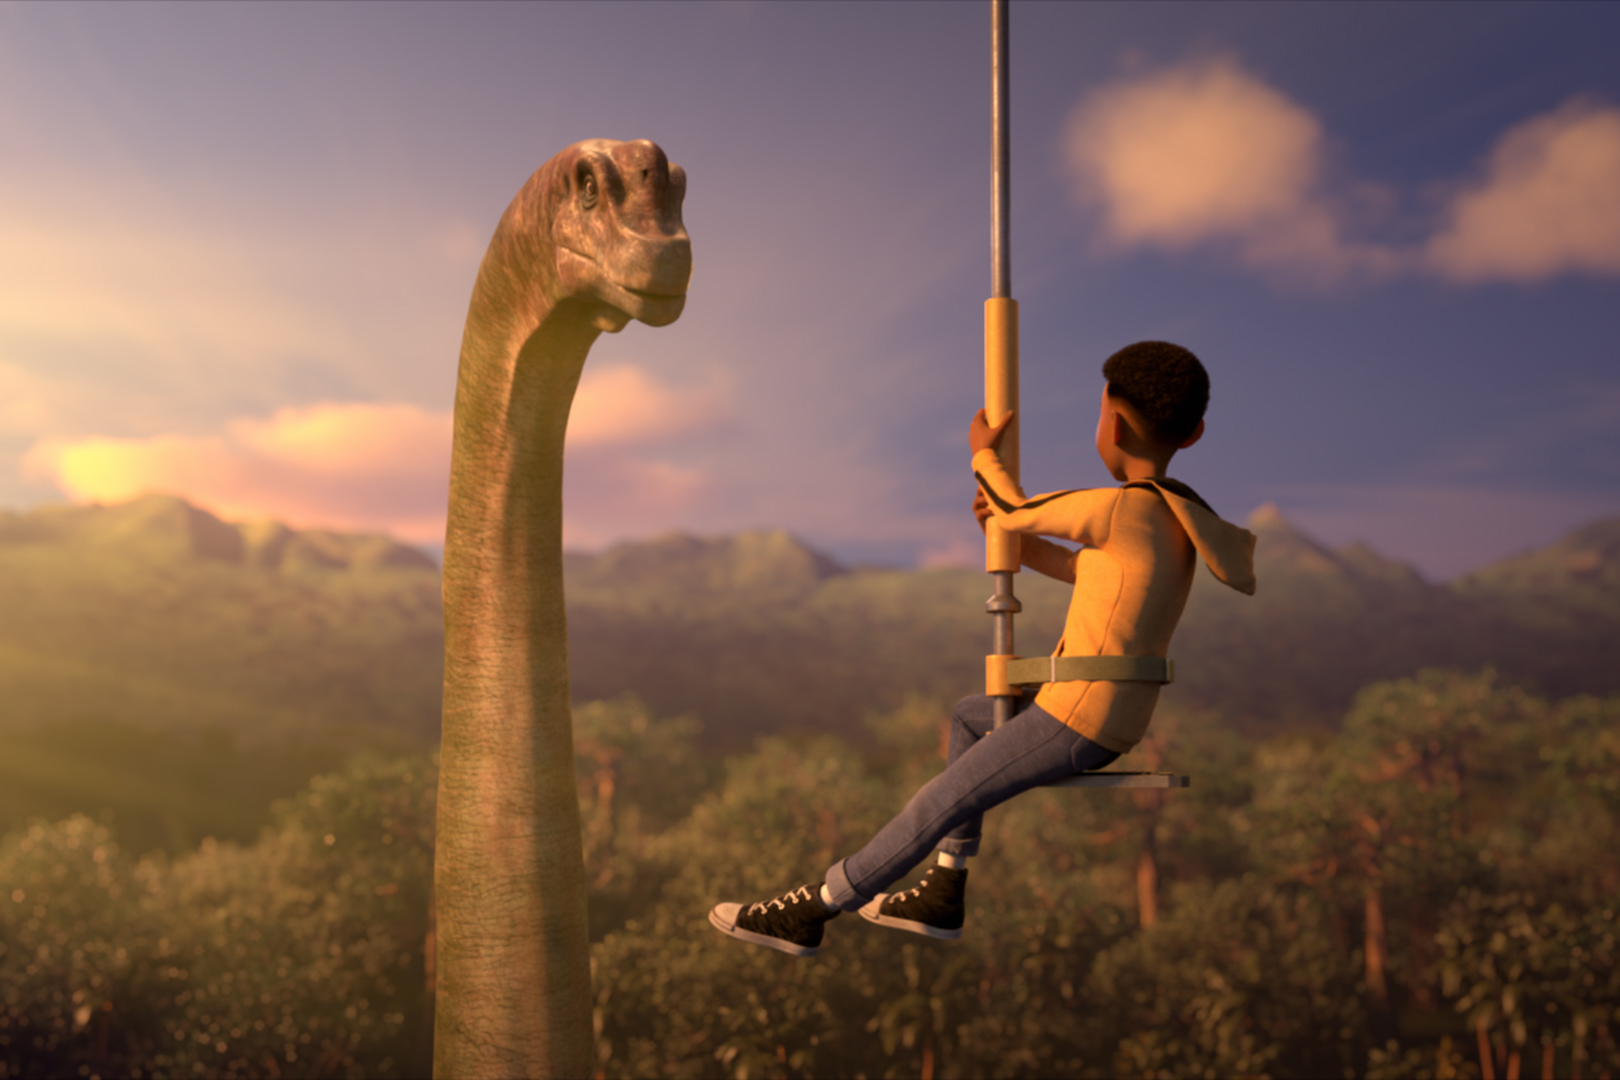 7 Series Y Peliculas Sobre Dinosaurios Para Ver En Netflix Con Los Ninos Las películas de dinosaurios siempre han ocupado un lugar importante en el cine. sobre dinosaurios para ver en netflix